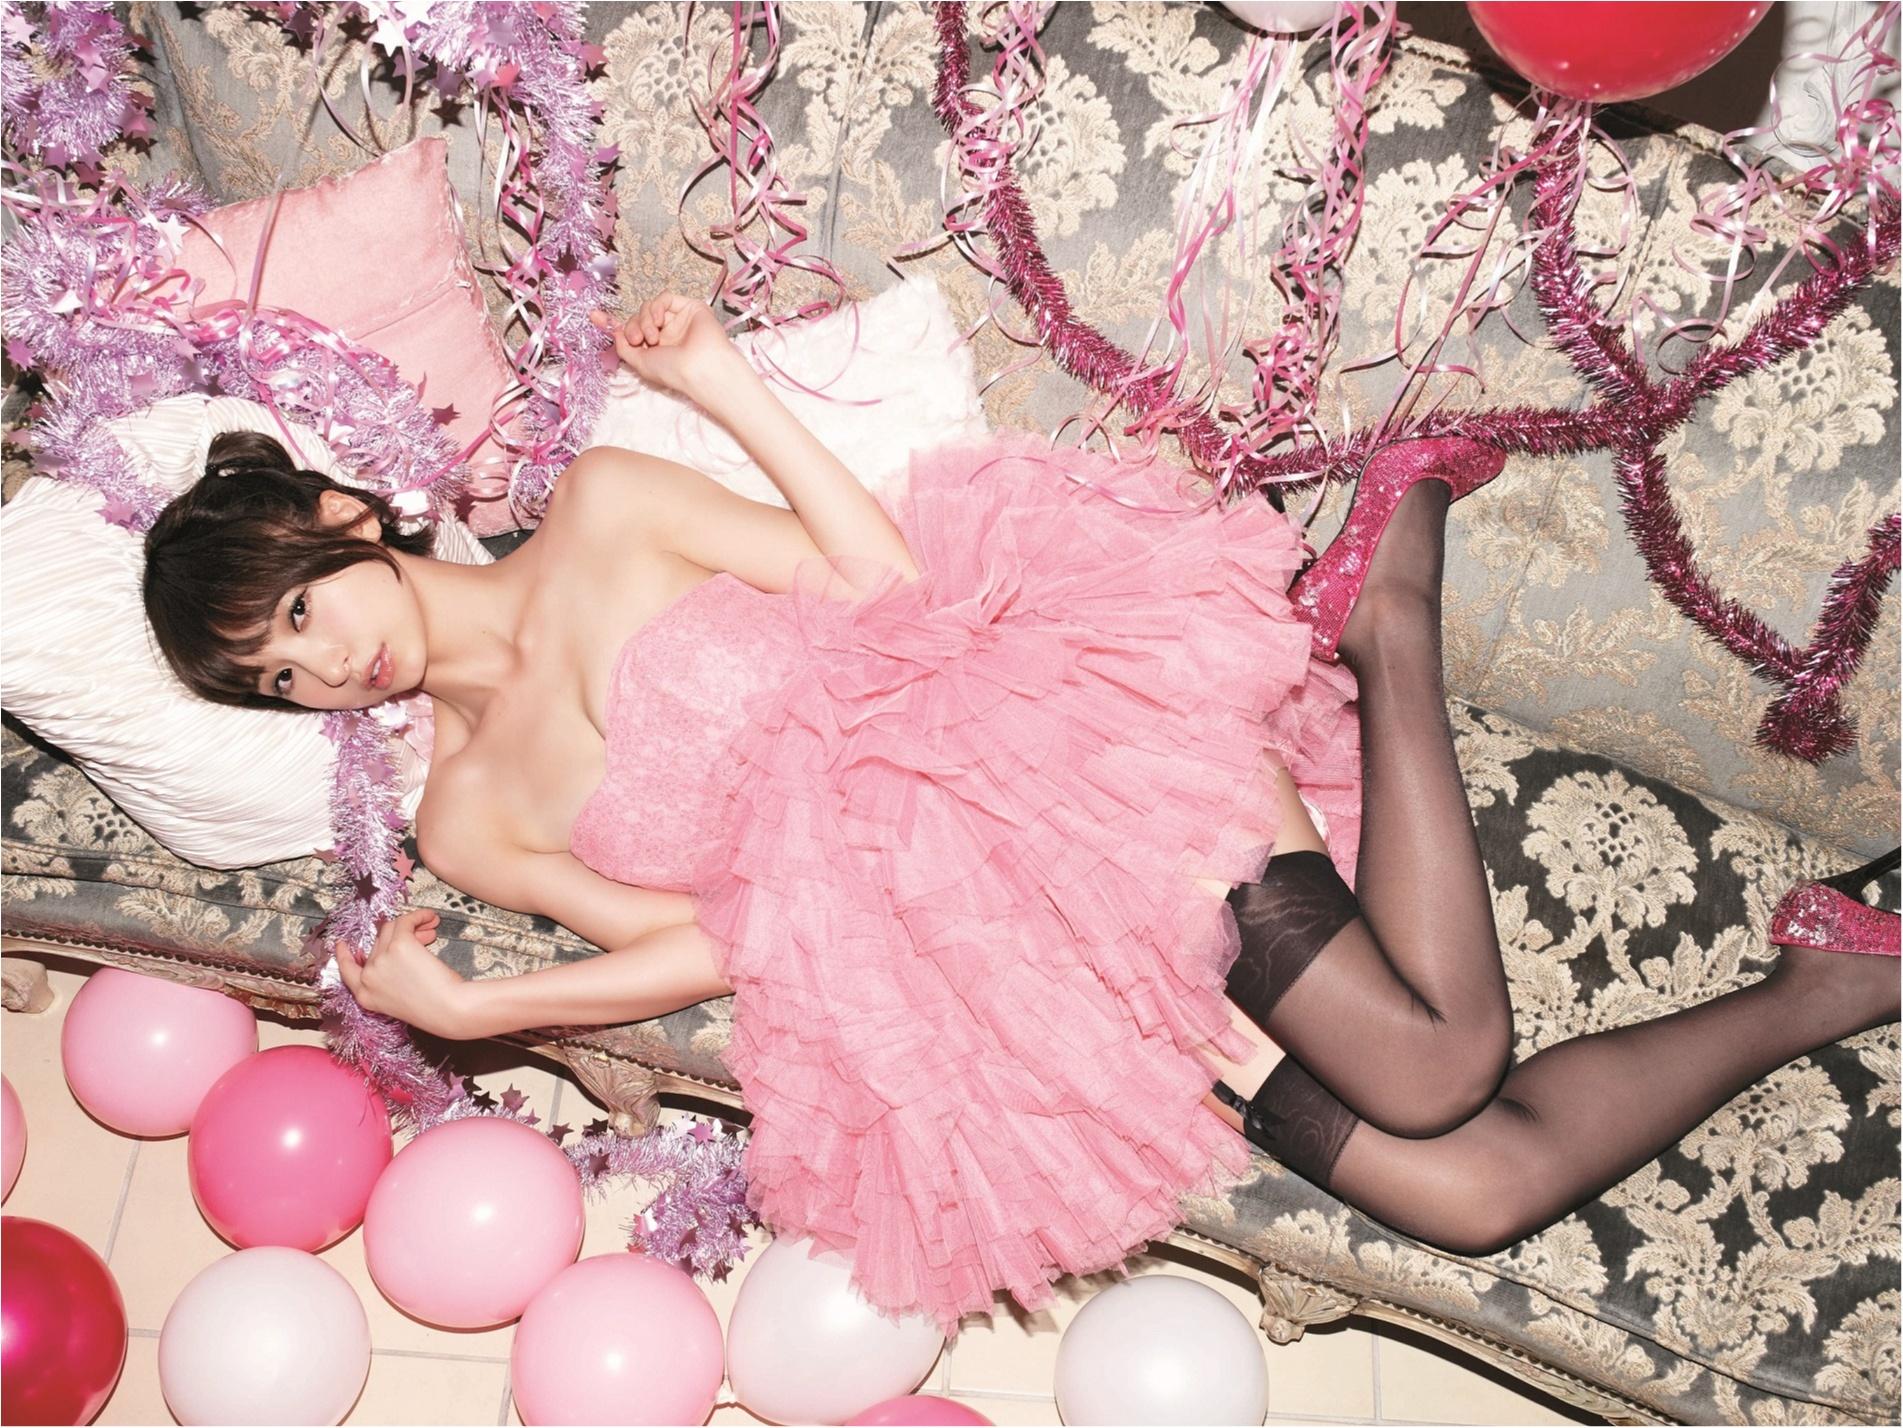 水着も満載! 篠田麻里子の6年間をまとめた豪華写真集が出たっ!!_2